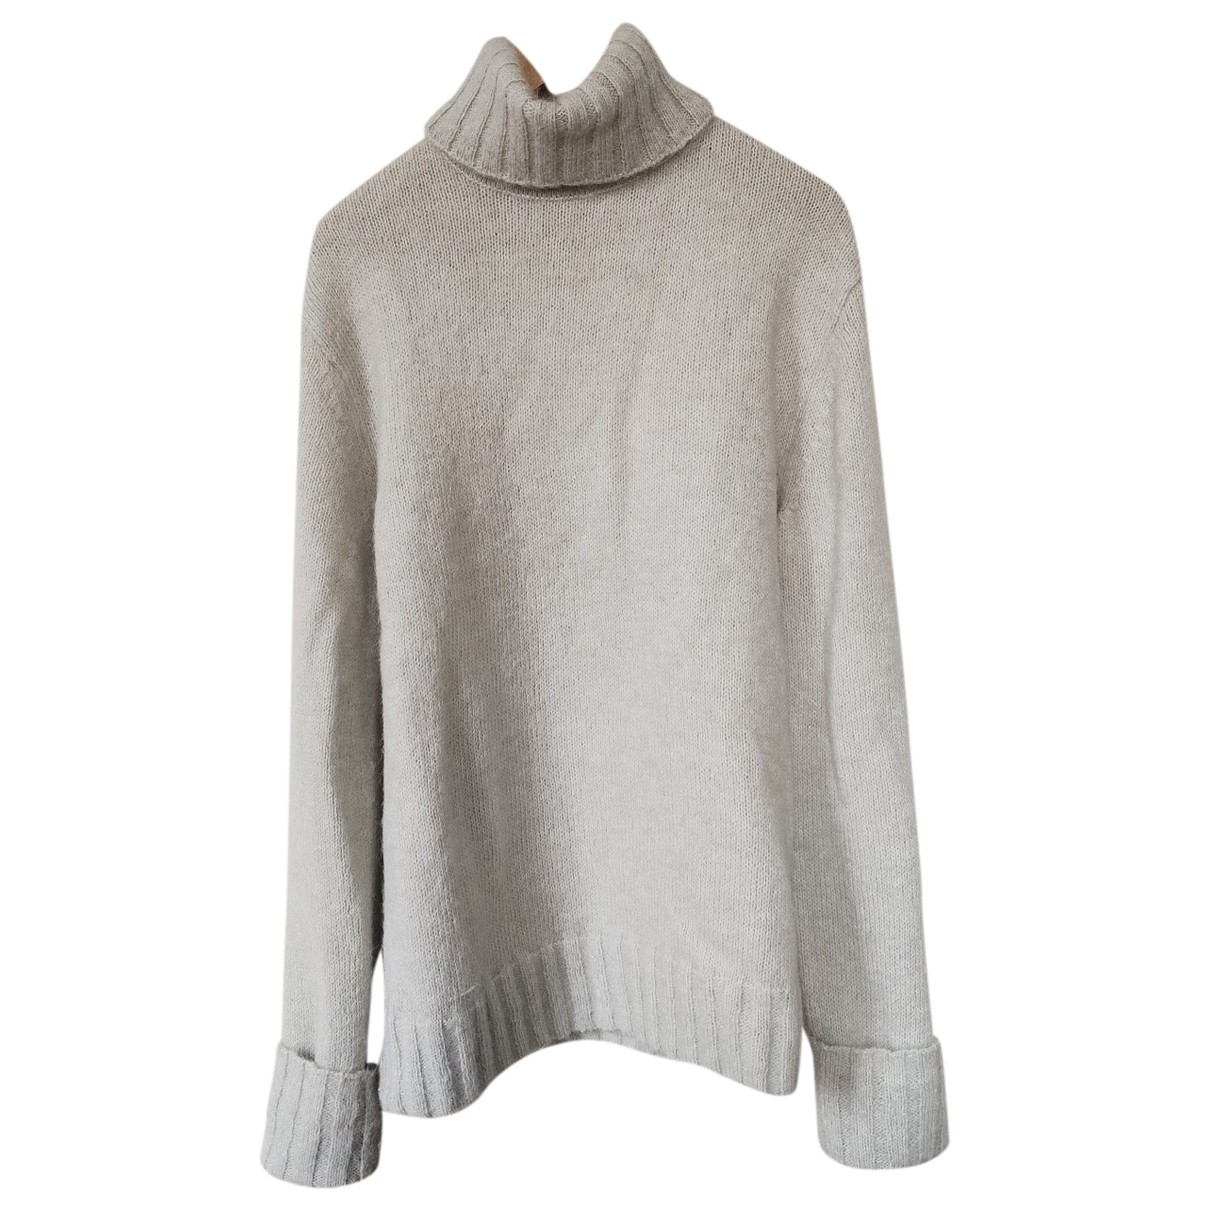 Cos \N Wool Knitwear & Sweatshirts for Men M International